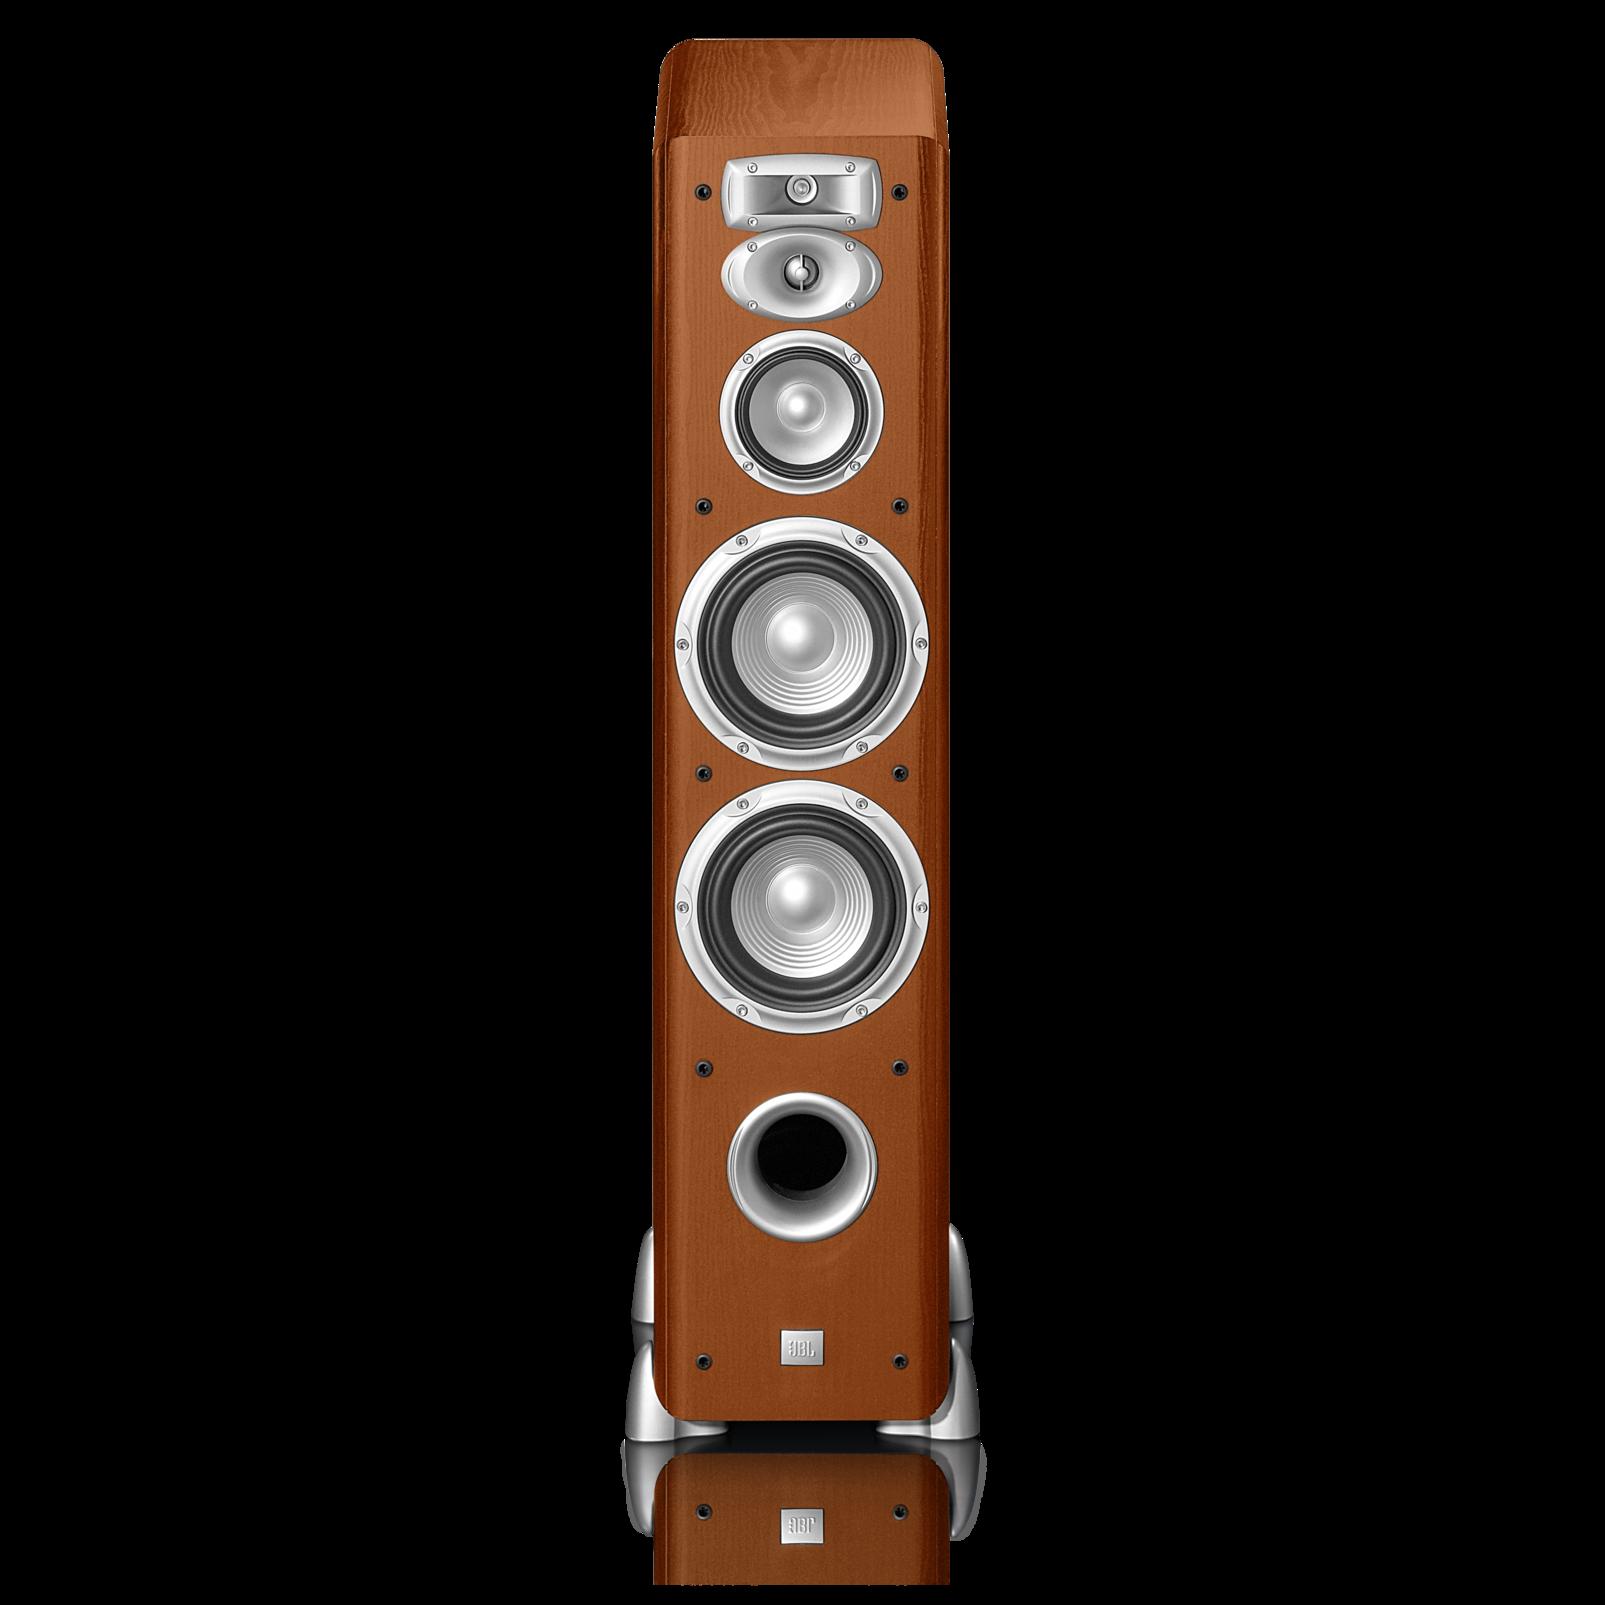 Studio L880 High Performance 4 Way 6 Inch Floorstanding Speaker Home Audio Gt Tv Video Parts Amplifier Components